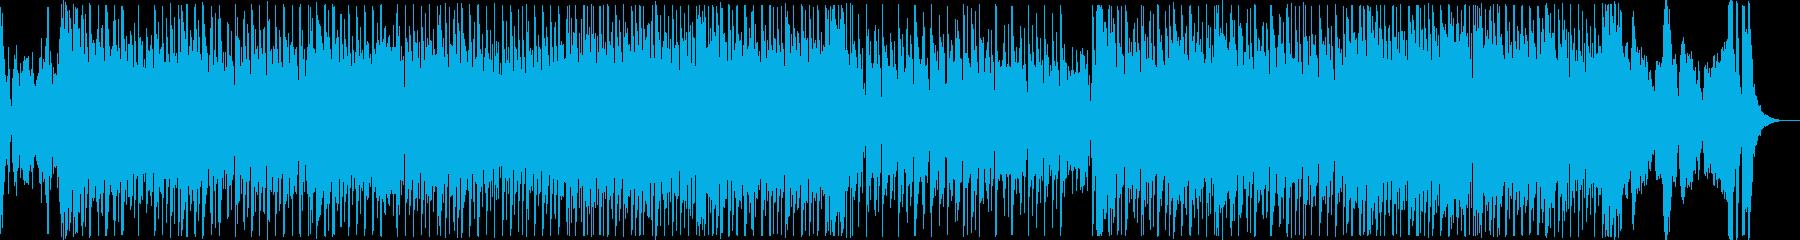 ハッピーな気分になるキュートテクノポップの再生済みの波形